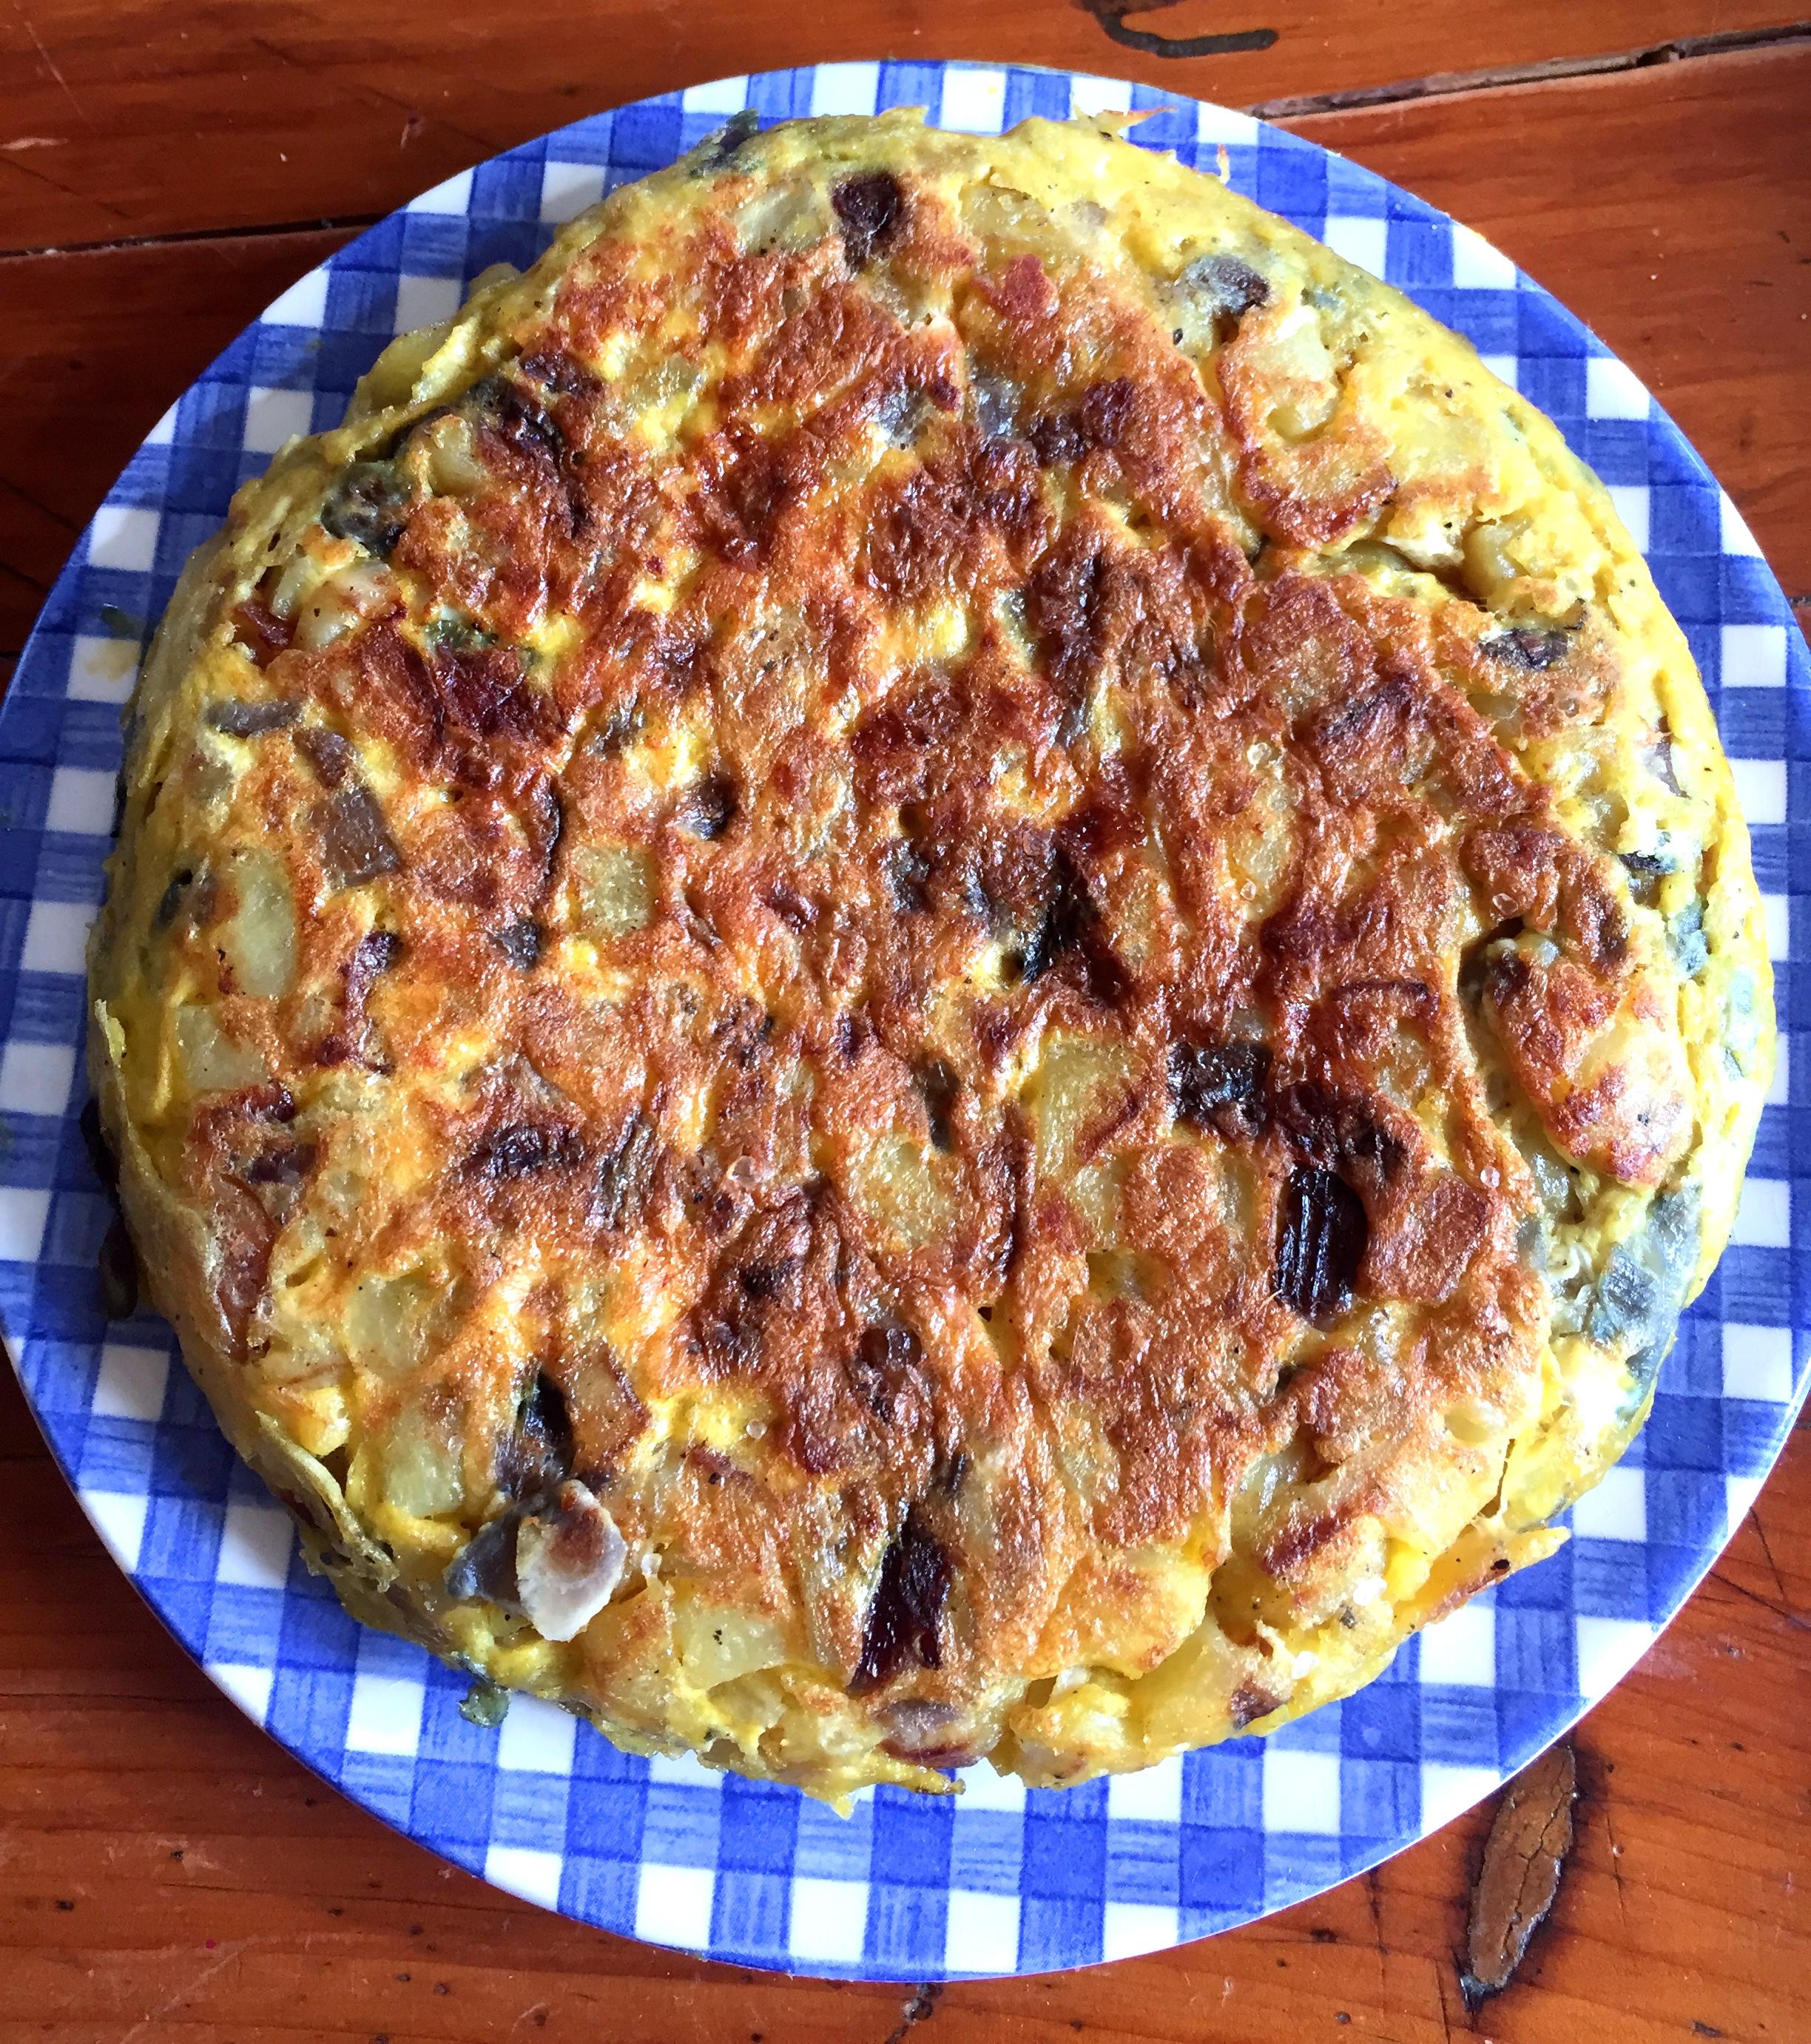 Cocina espa ola echalote co for Cocina espanola